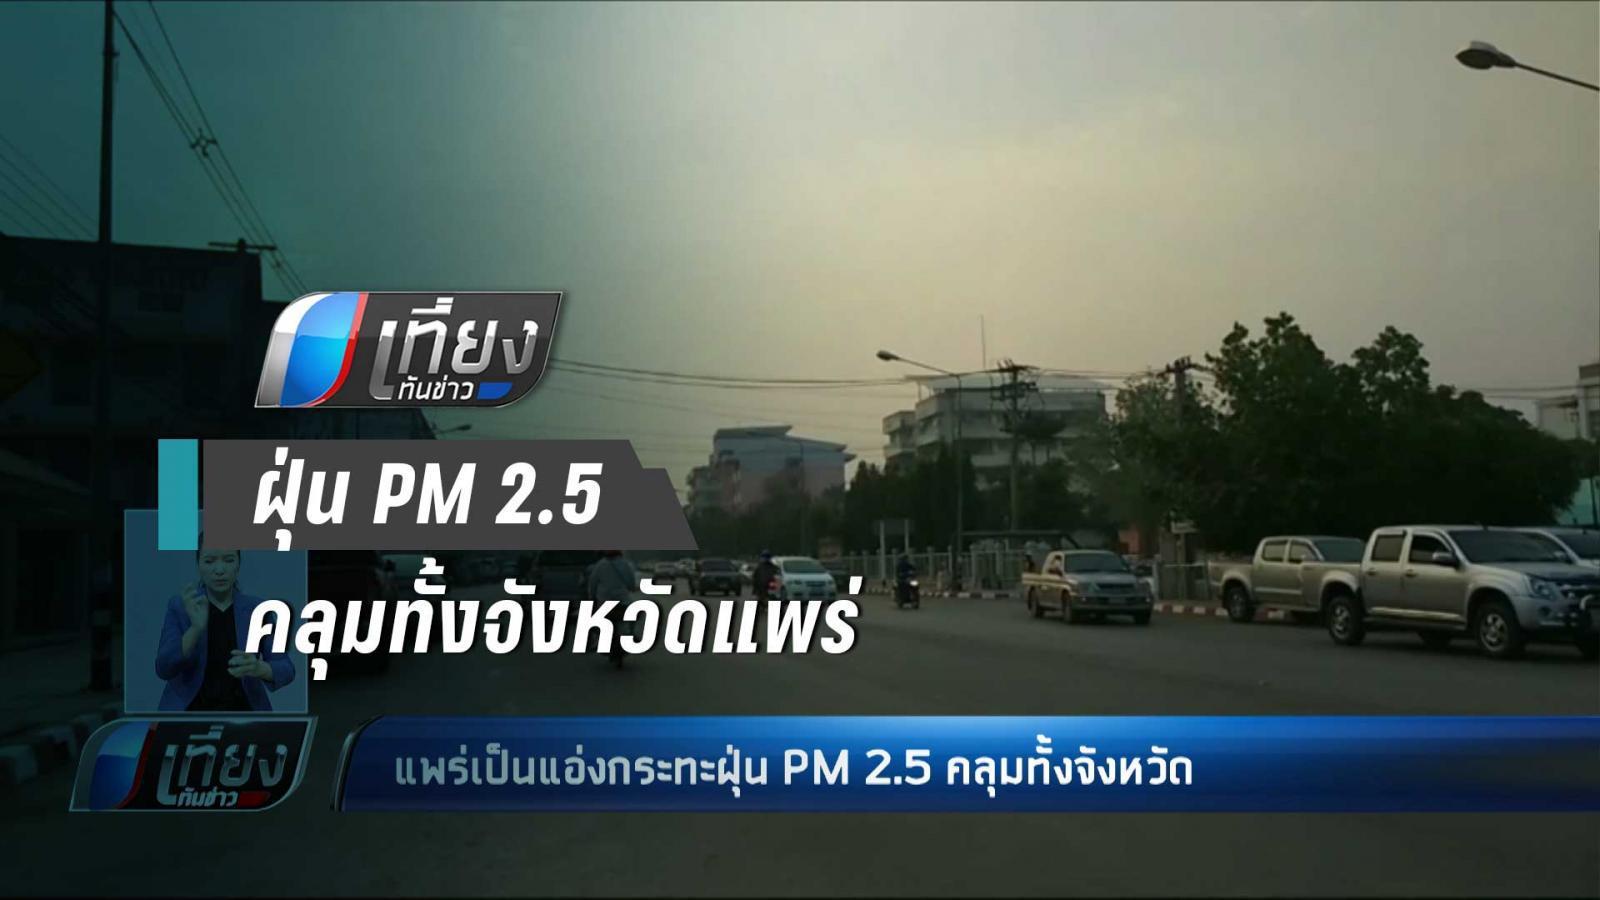 แพร่เป็นแอ่งกระทะฝุ่น PM 2.5 คลุมทั้งจังหวัด